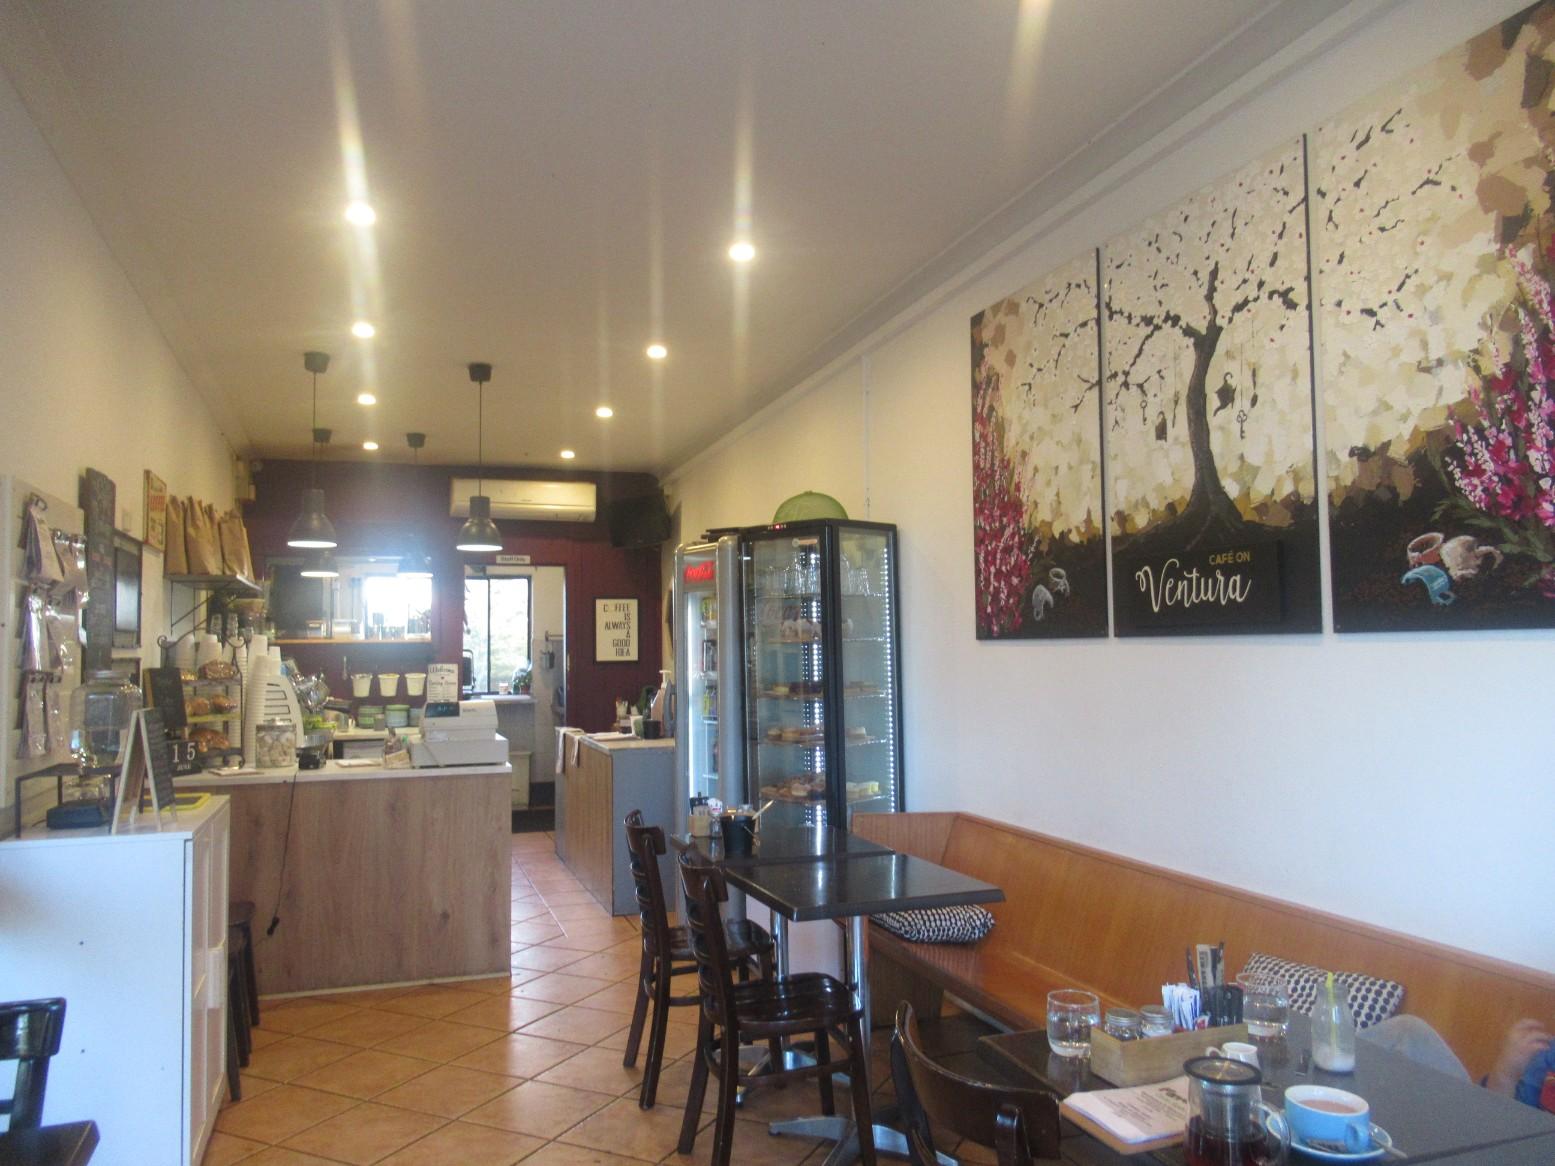 Cafe on Ventura Northmead